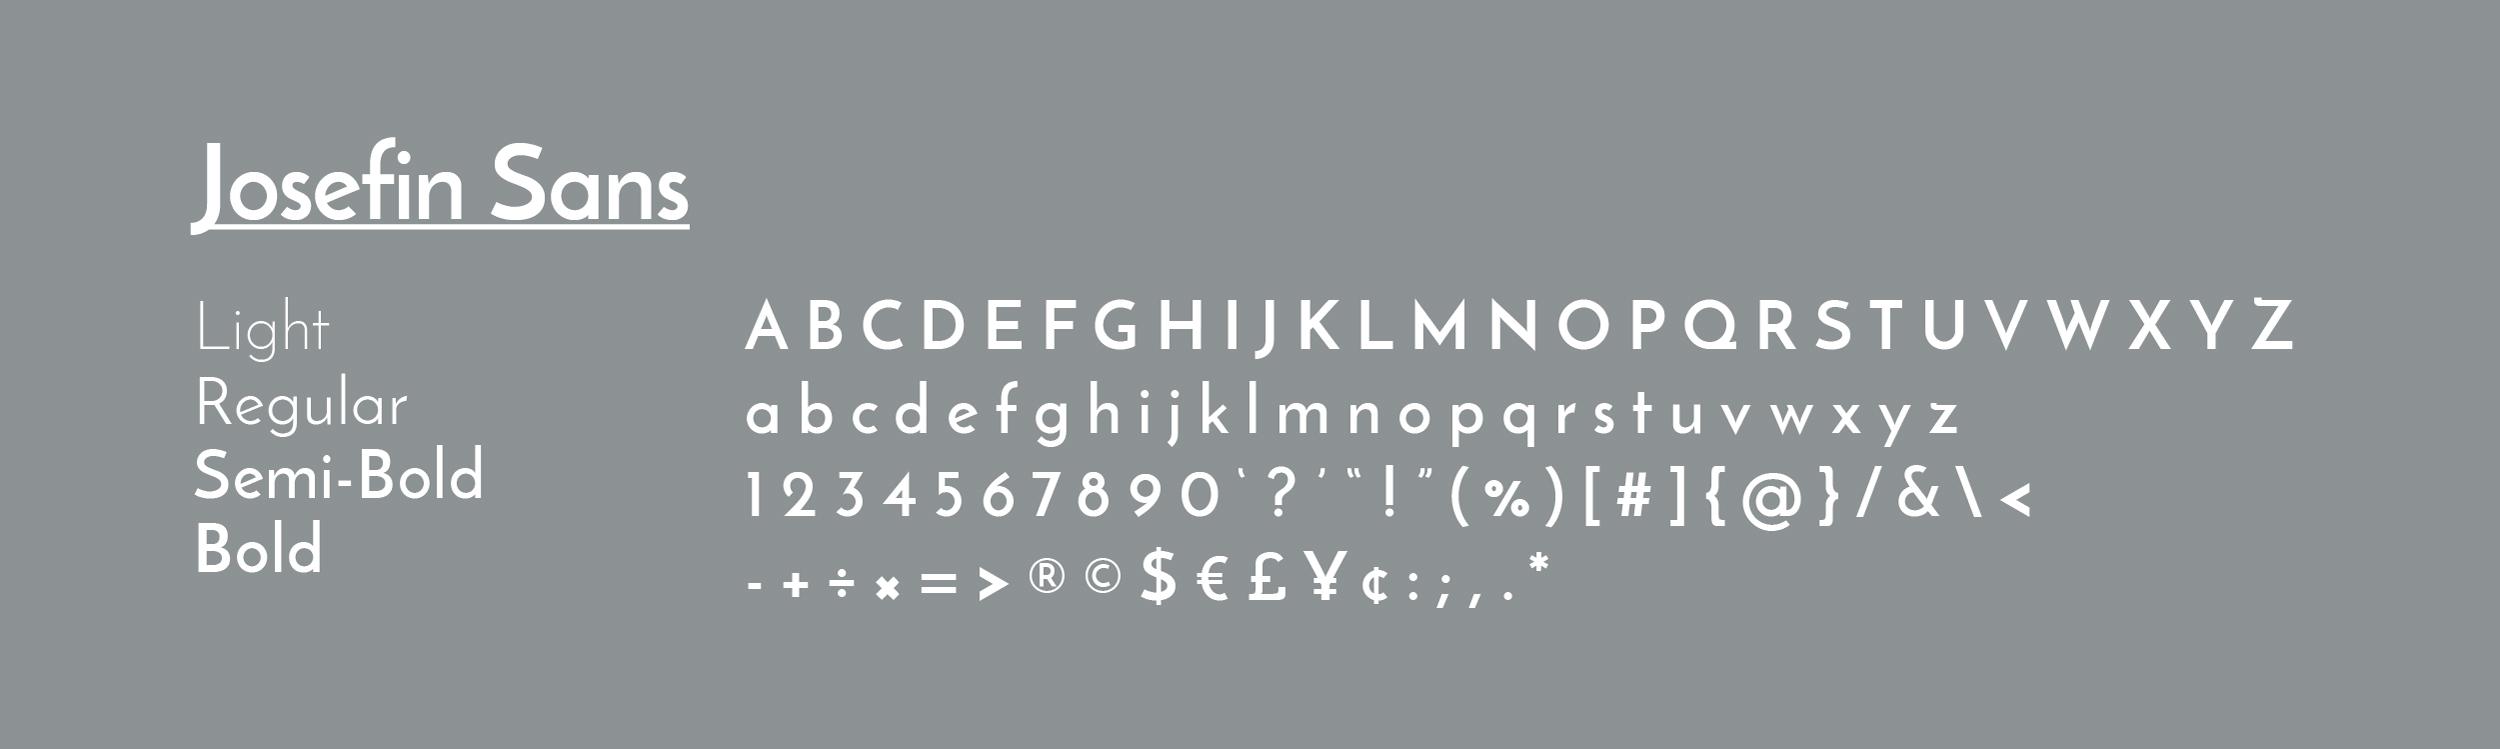 influencer-branding-font.jpg